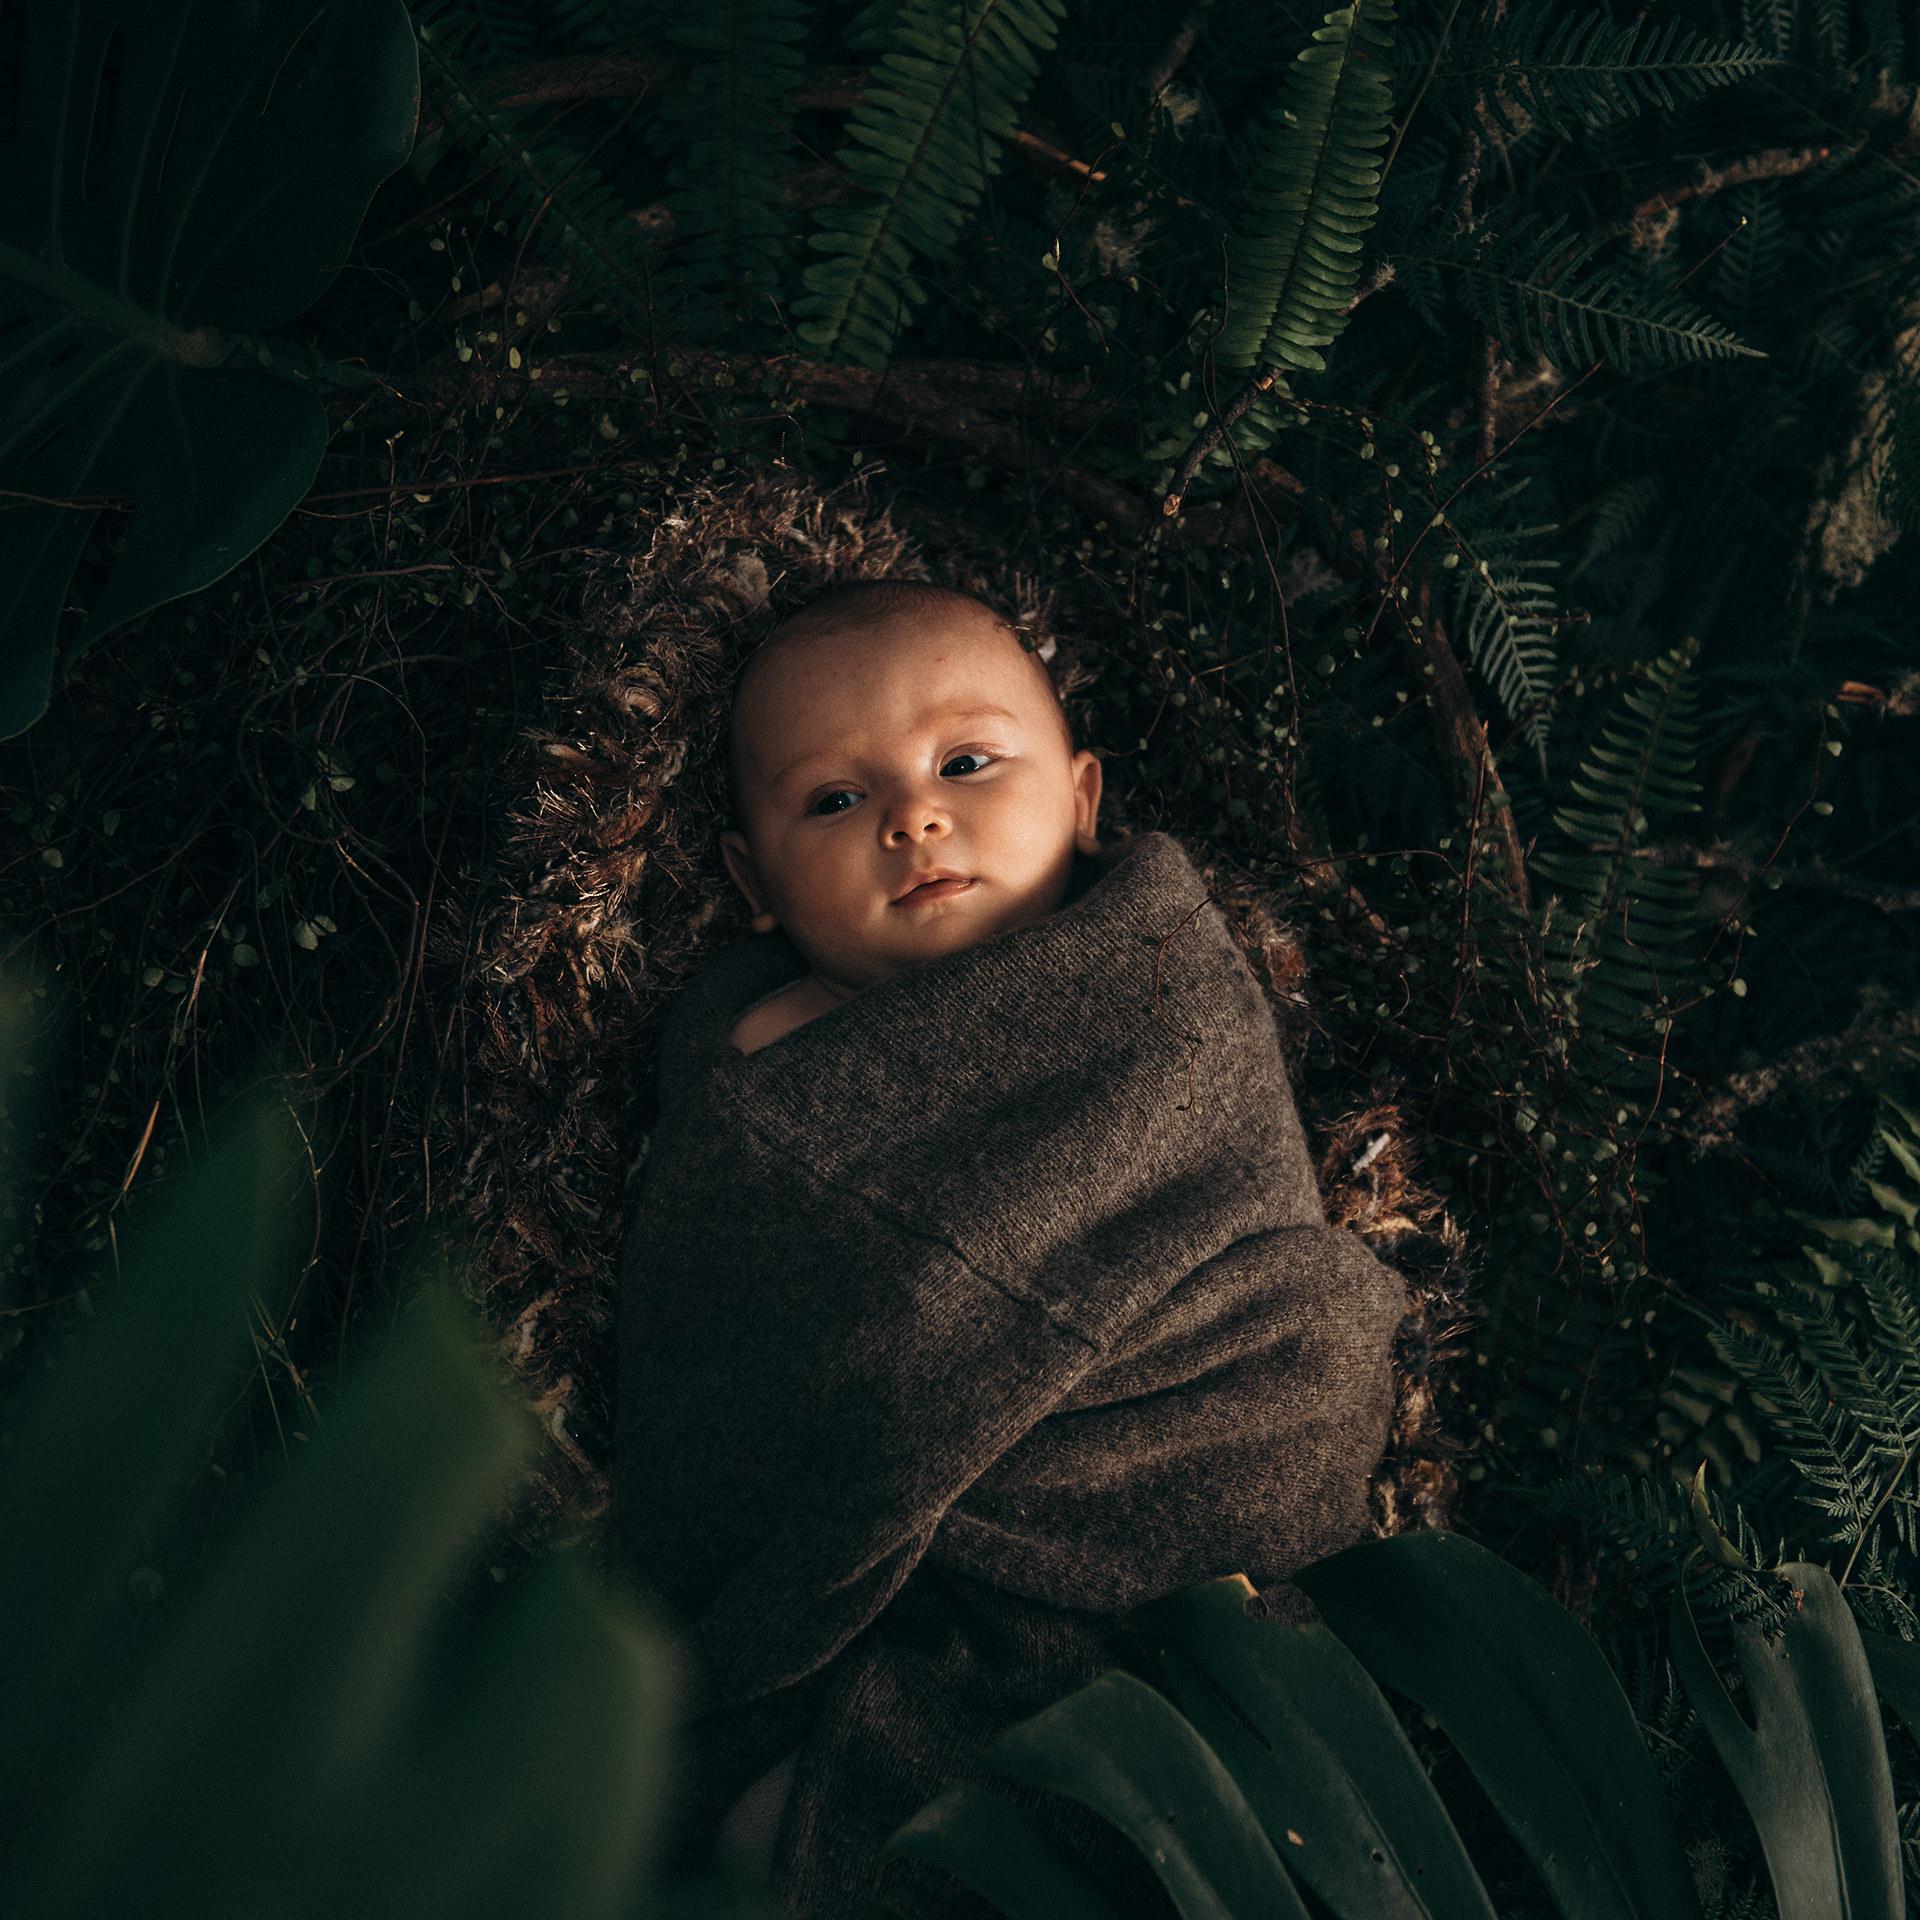 Wild Newborn Nature Photoshoot The Wildling Club.jpg